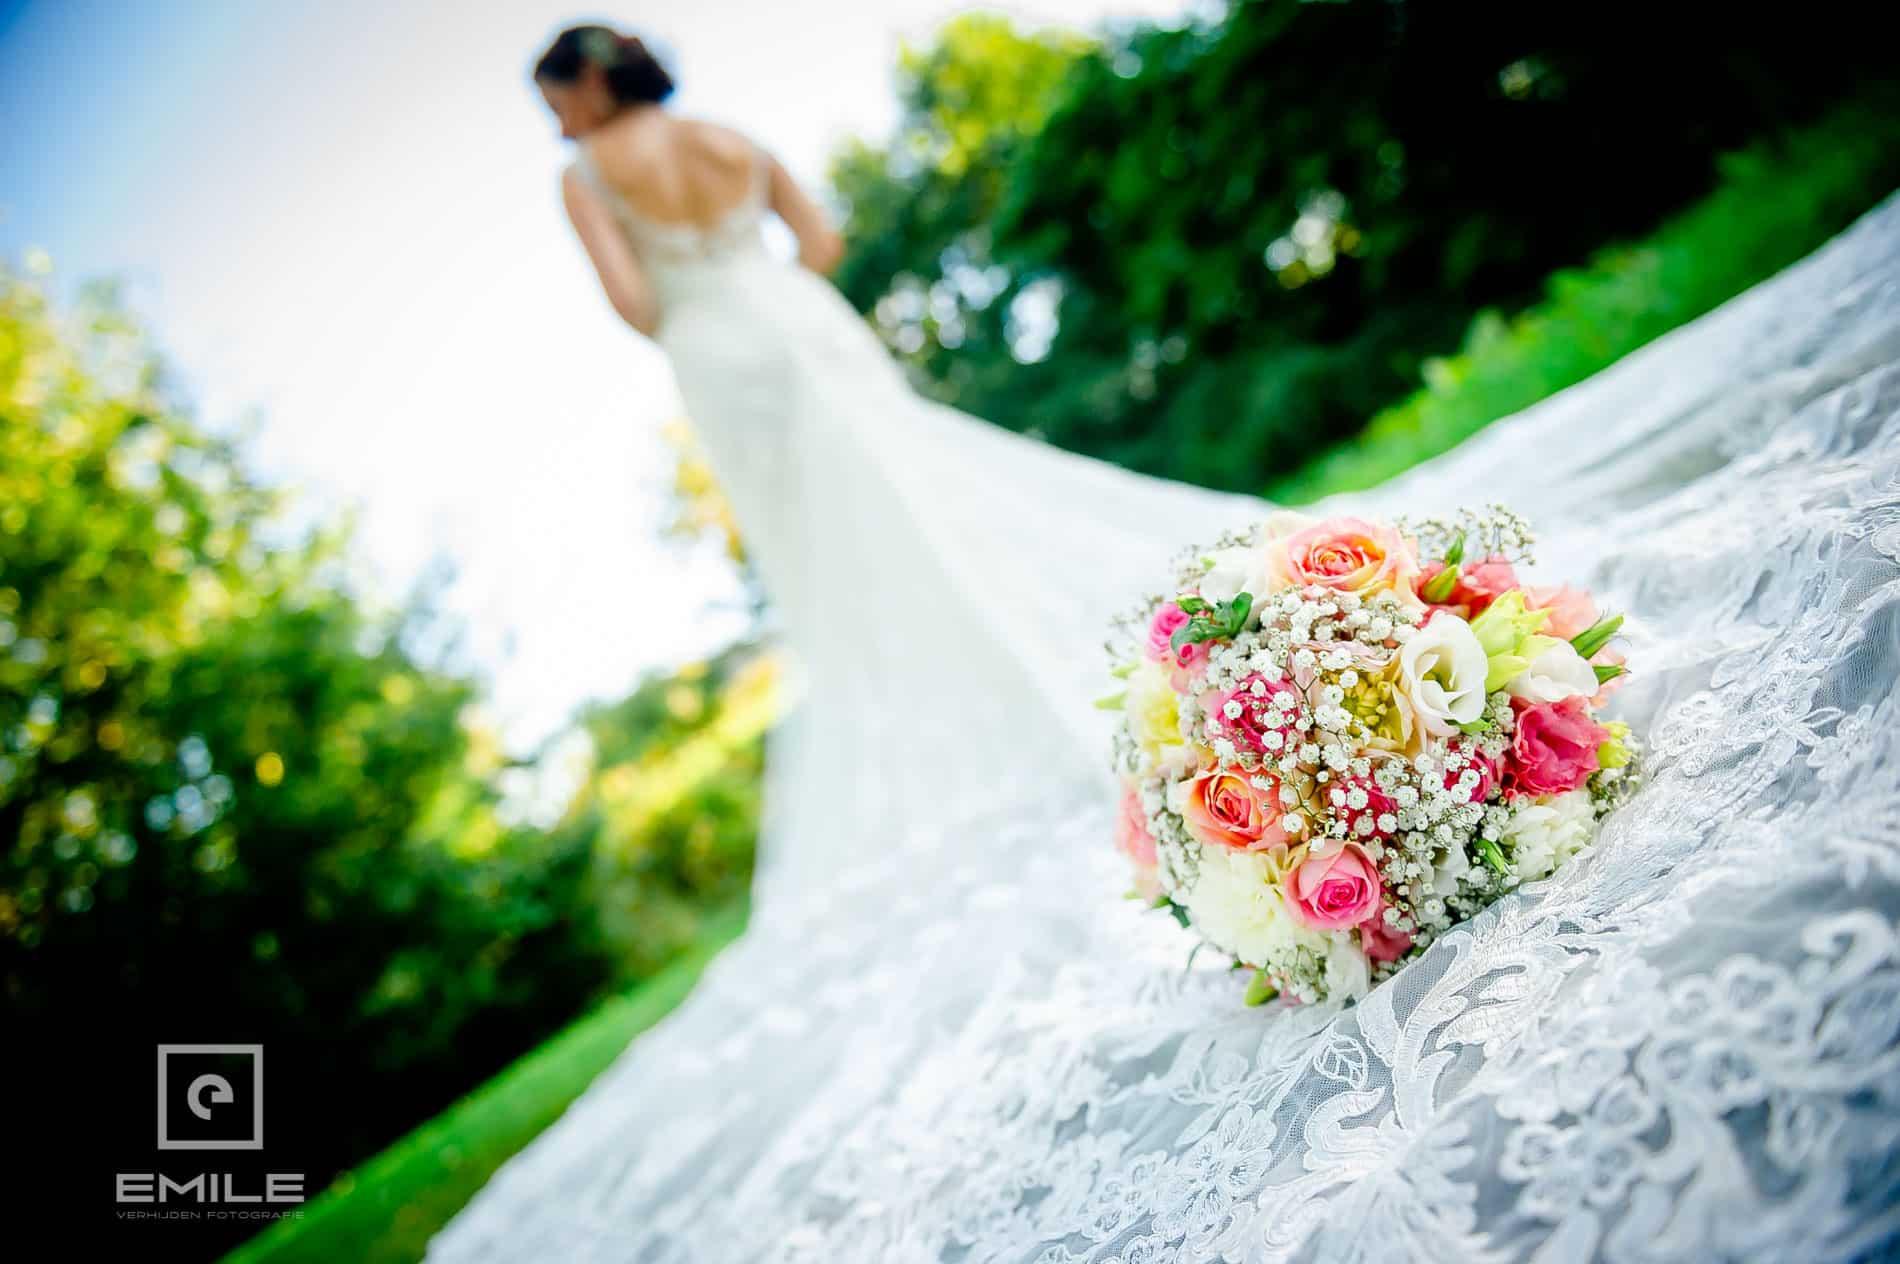 Bruidsfotograaf Landgraaf Winselerhof. Boeket op de jurk